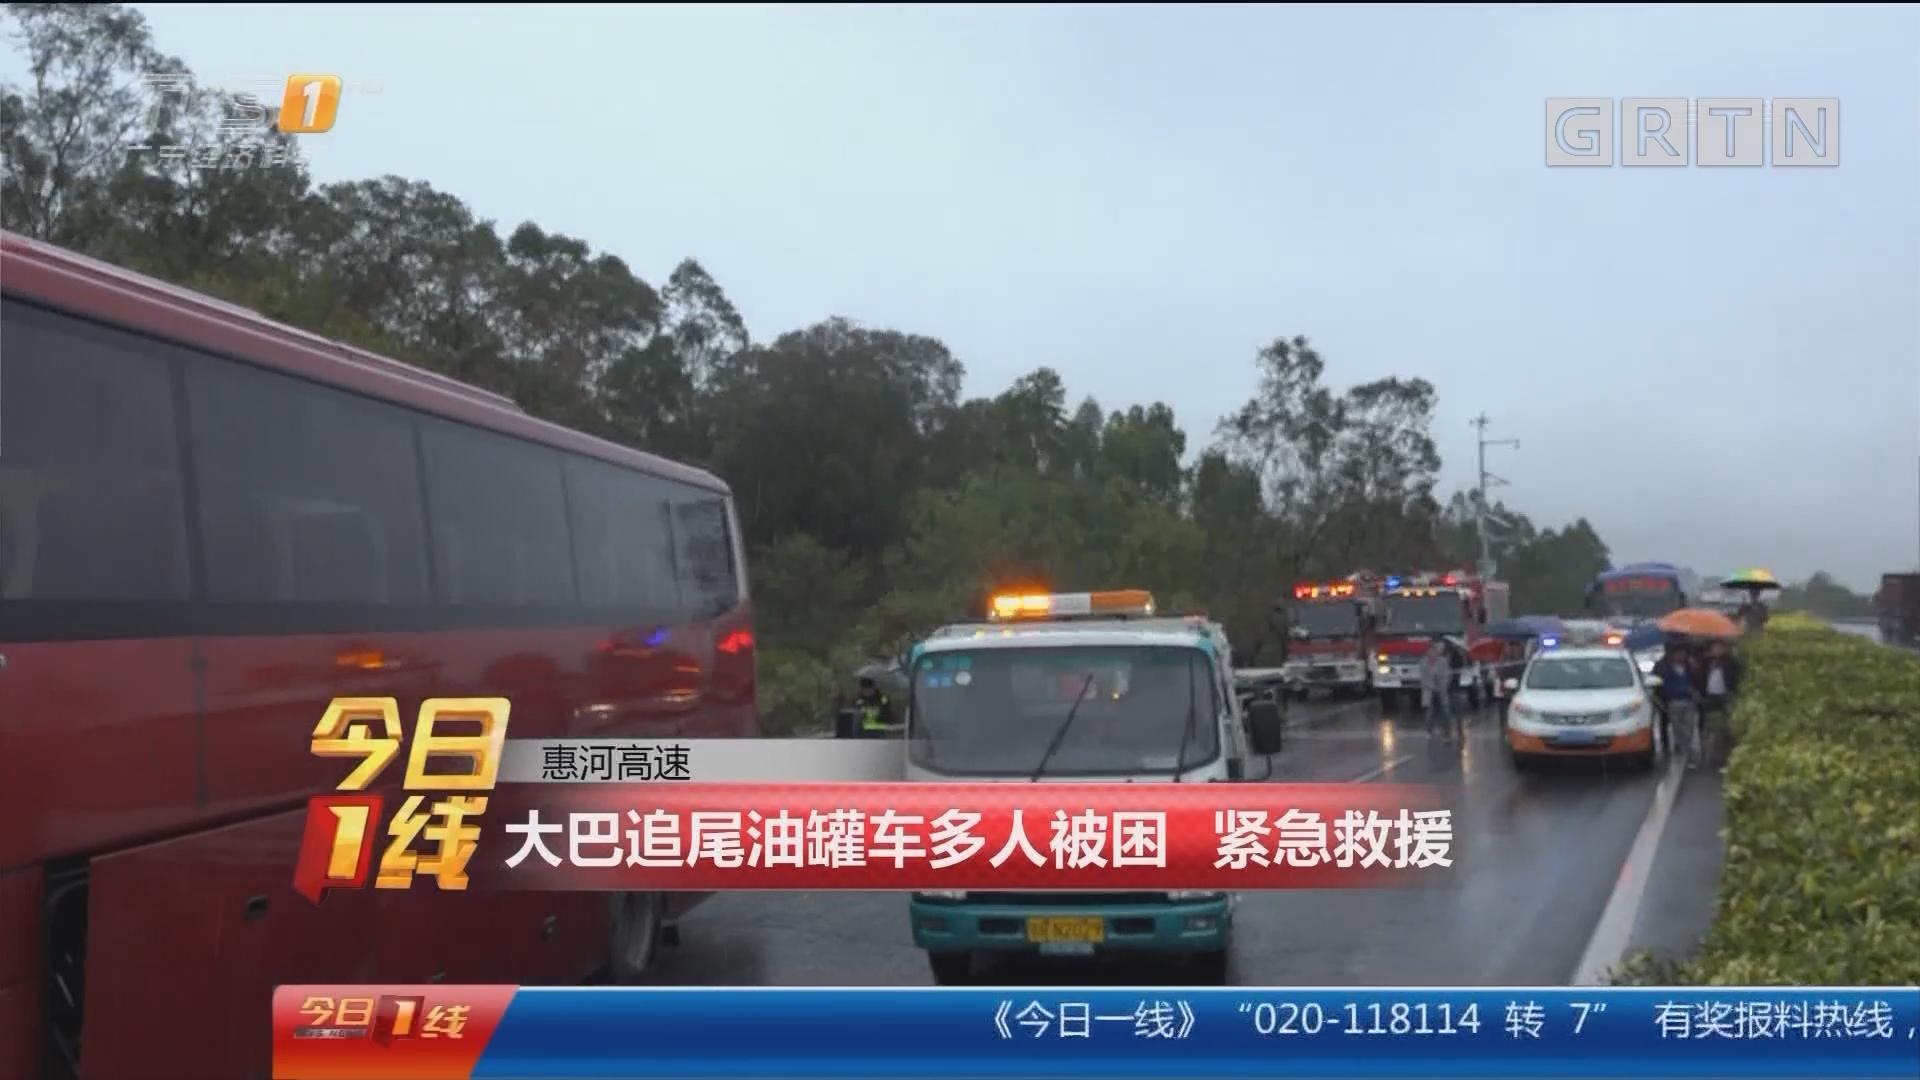 惠河高速:大巴追尾油罐车多人被困 紧急救援